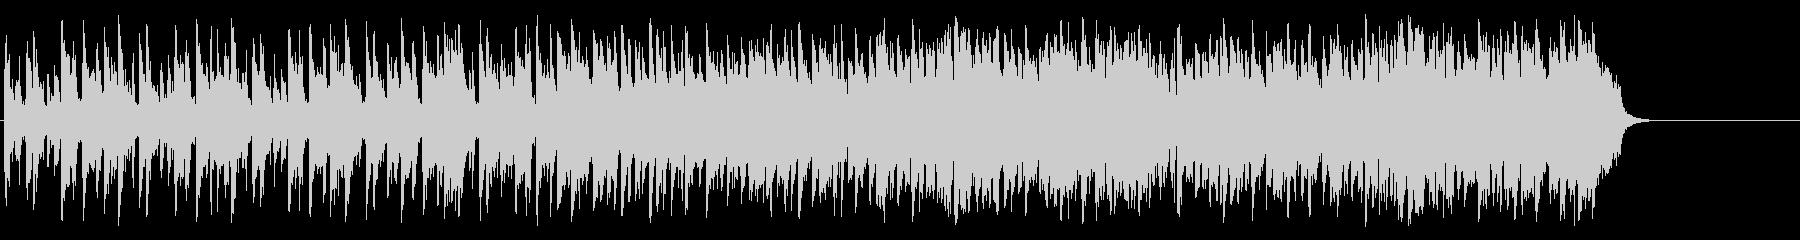 リゾート風のフュージョン(Aメロ~サビ)の未再生の波形